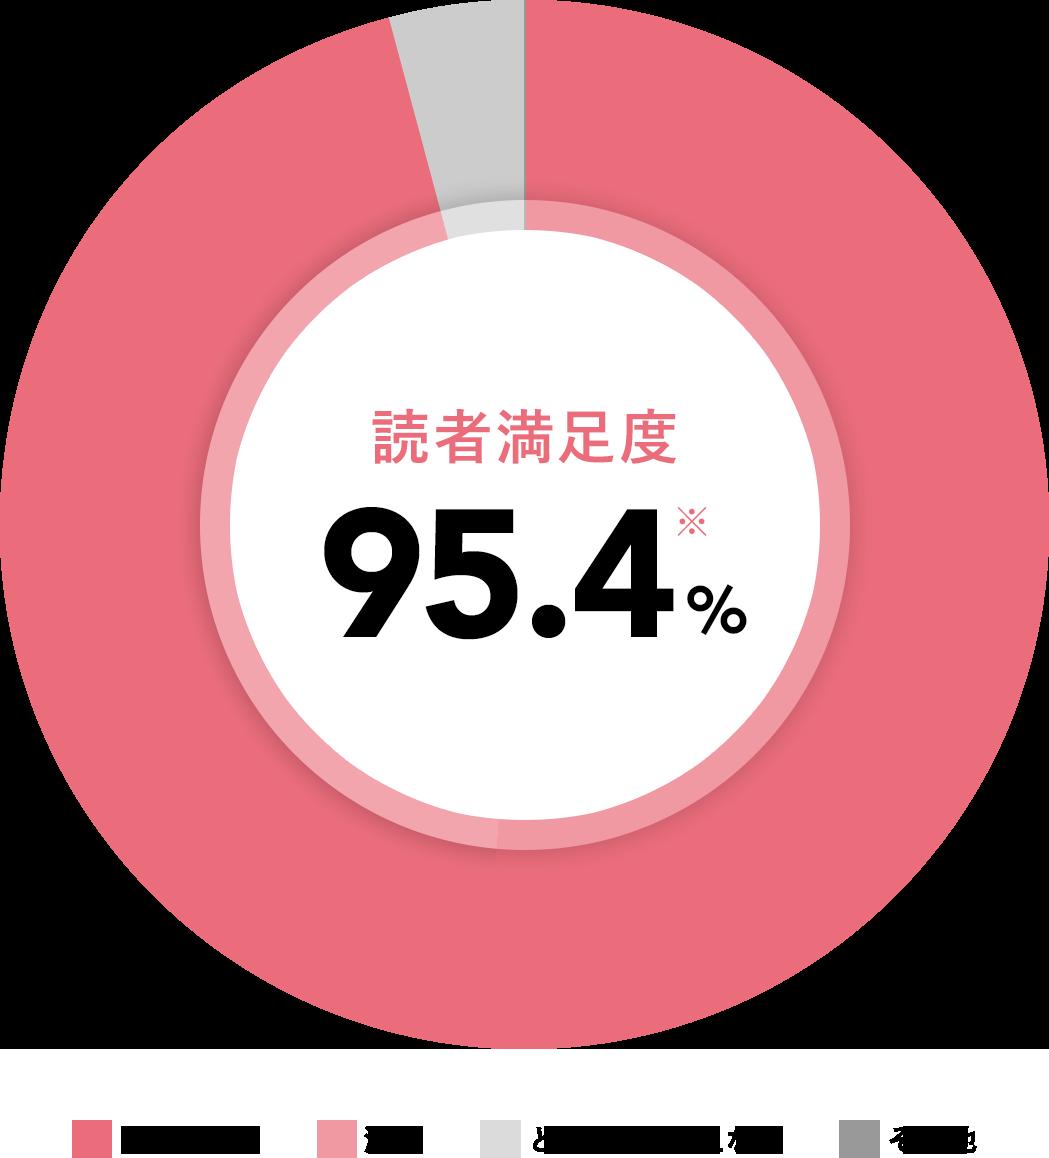 f:id:warakochan:20210131184852p:plain